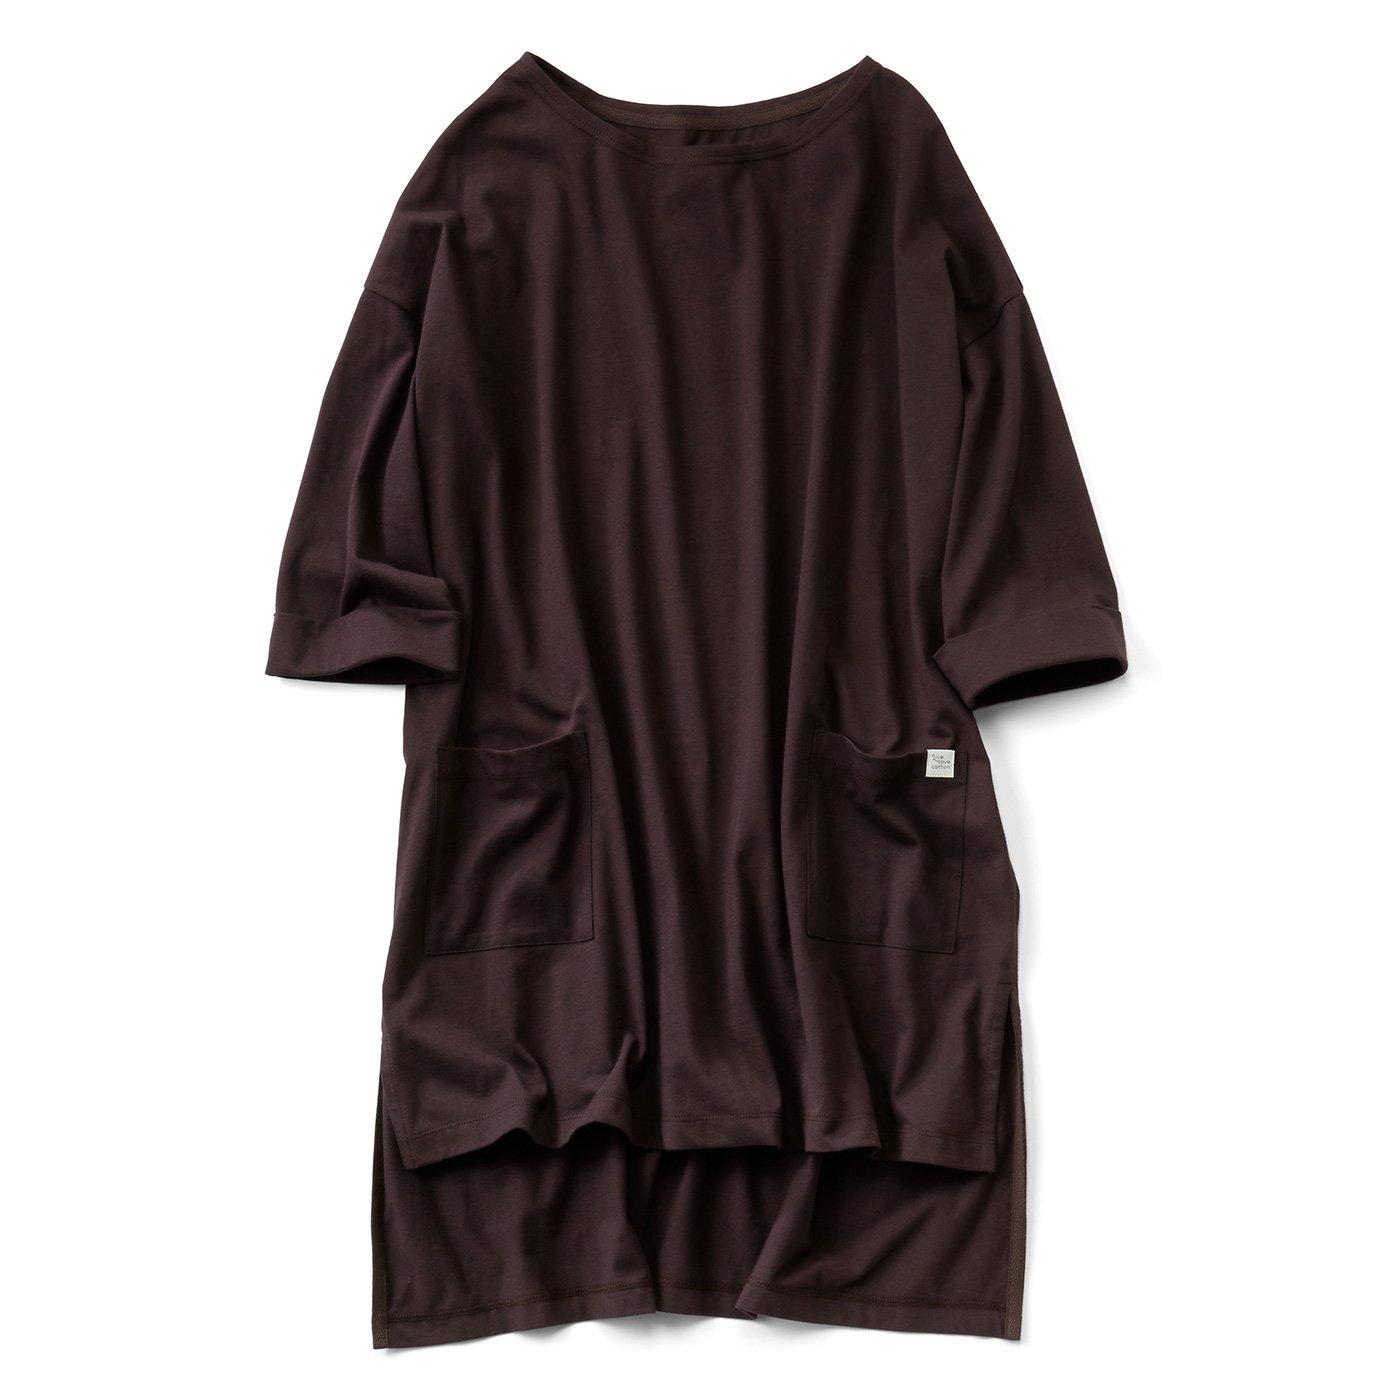 Live love cottonプロジェクト リブ イン コンフォート ざばっと着るだけ Tシャツ感覚のオーガニックコットンチュニック〈チョコレートブラウン〉